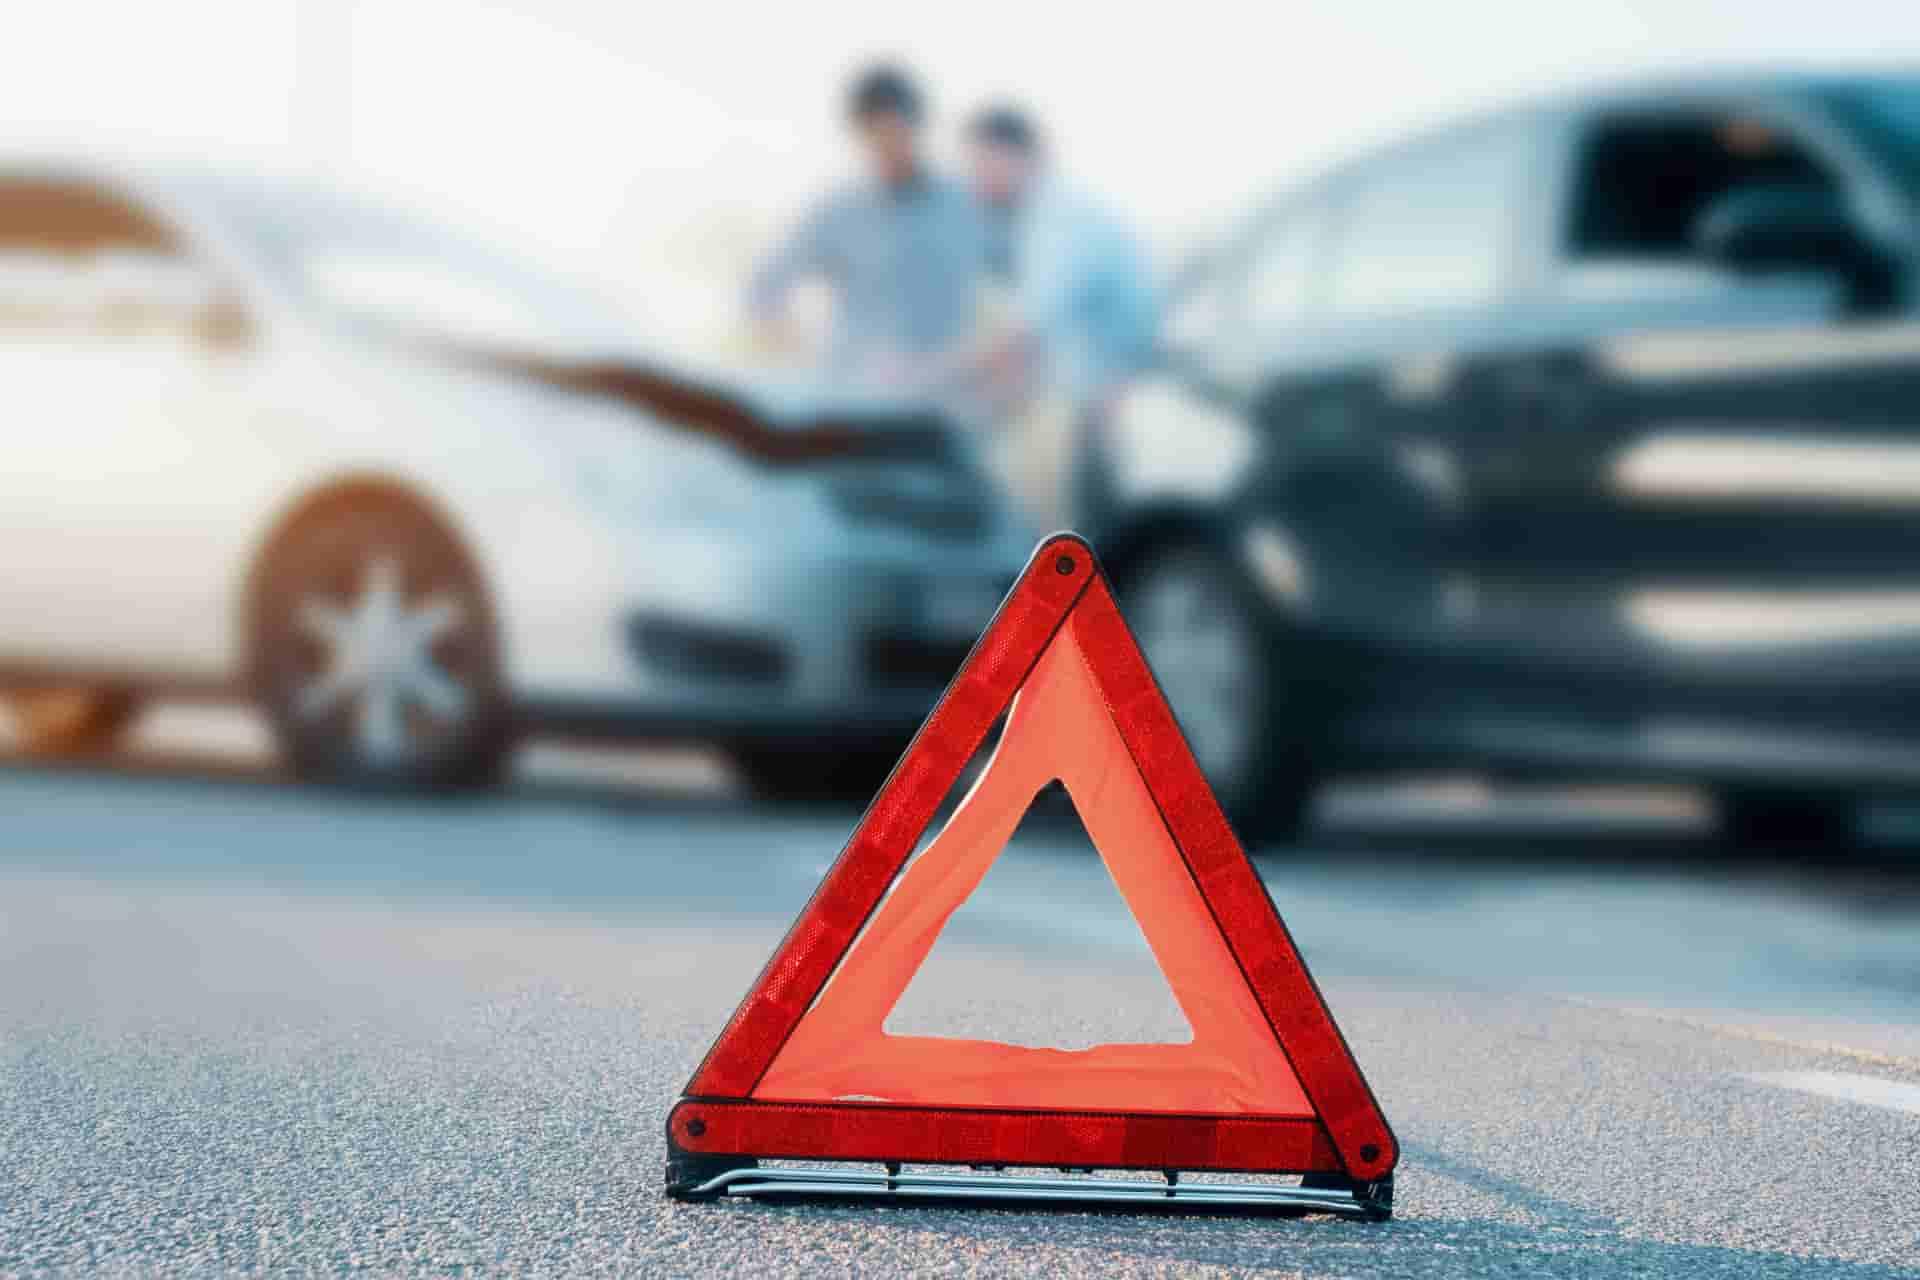 Sécurité routière : Comment diminuer les accidents de voitures ?